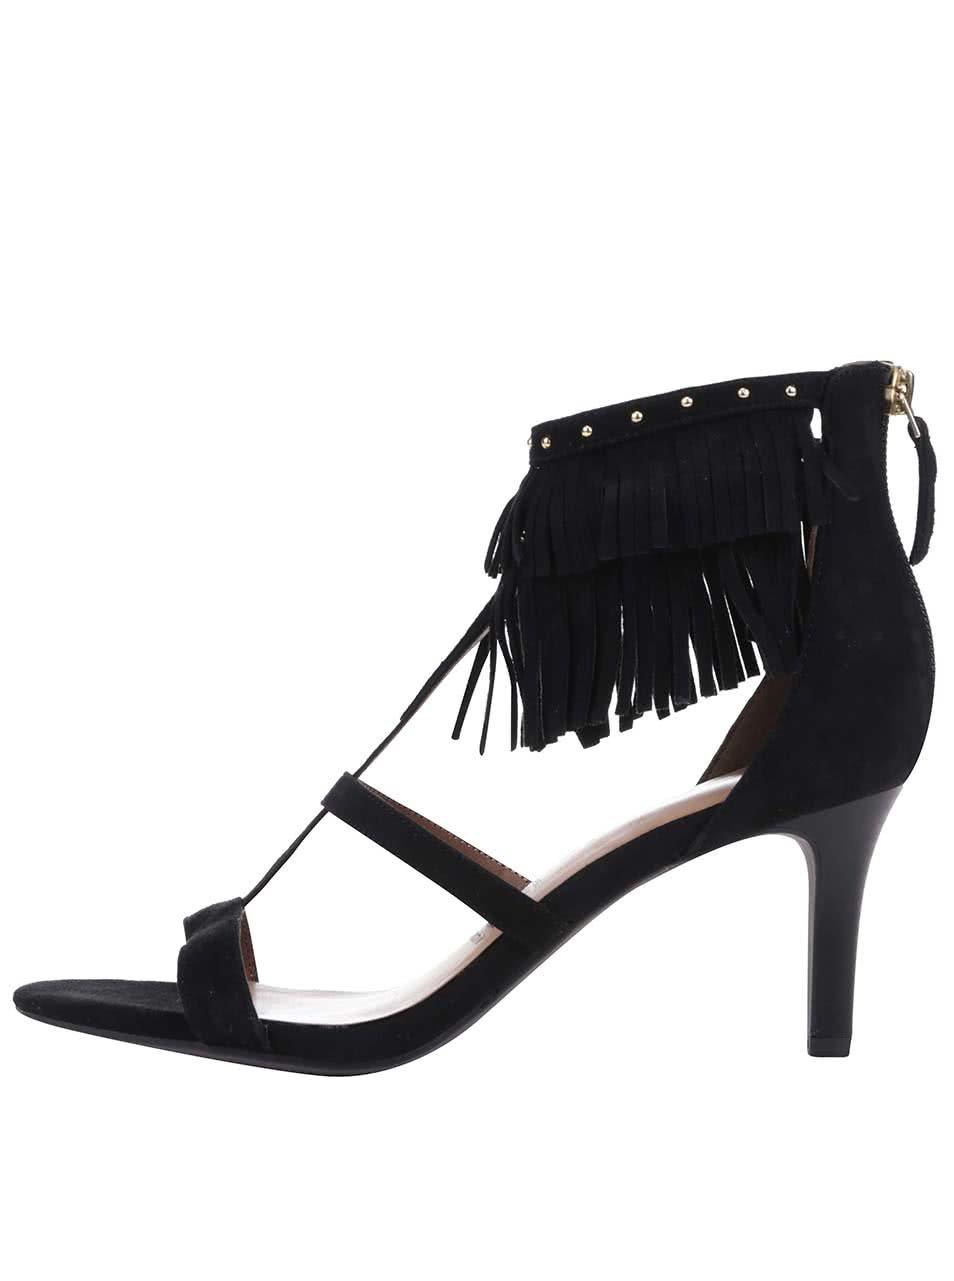 Černé semišové sandálky na podpatku s třásněmi Tamaris ... 2e21c5f4a8